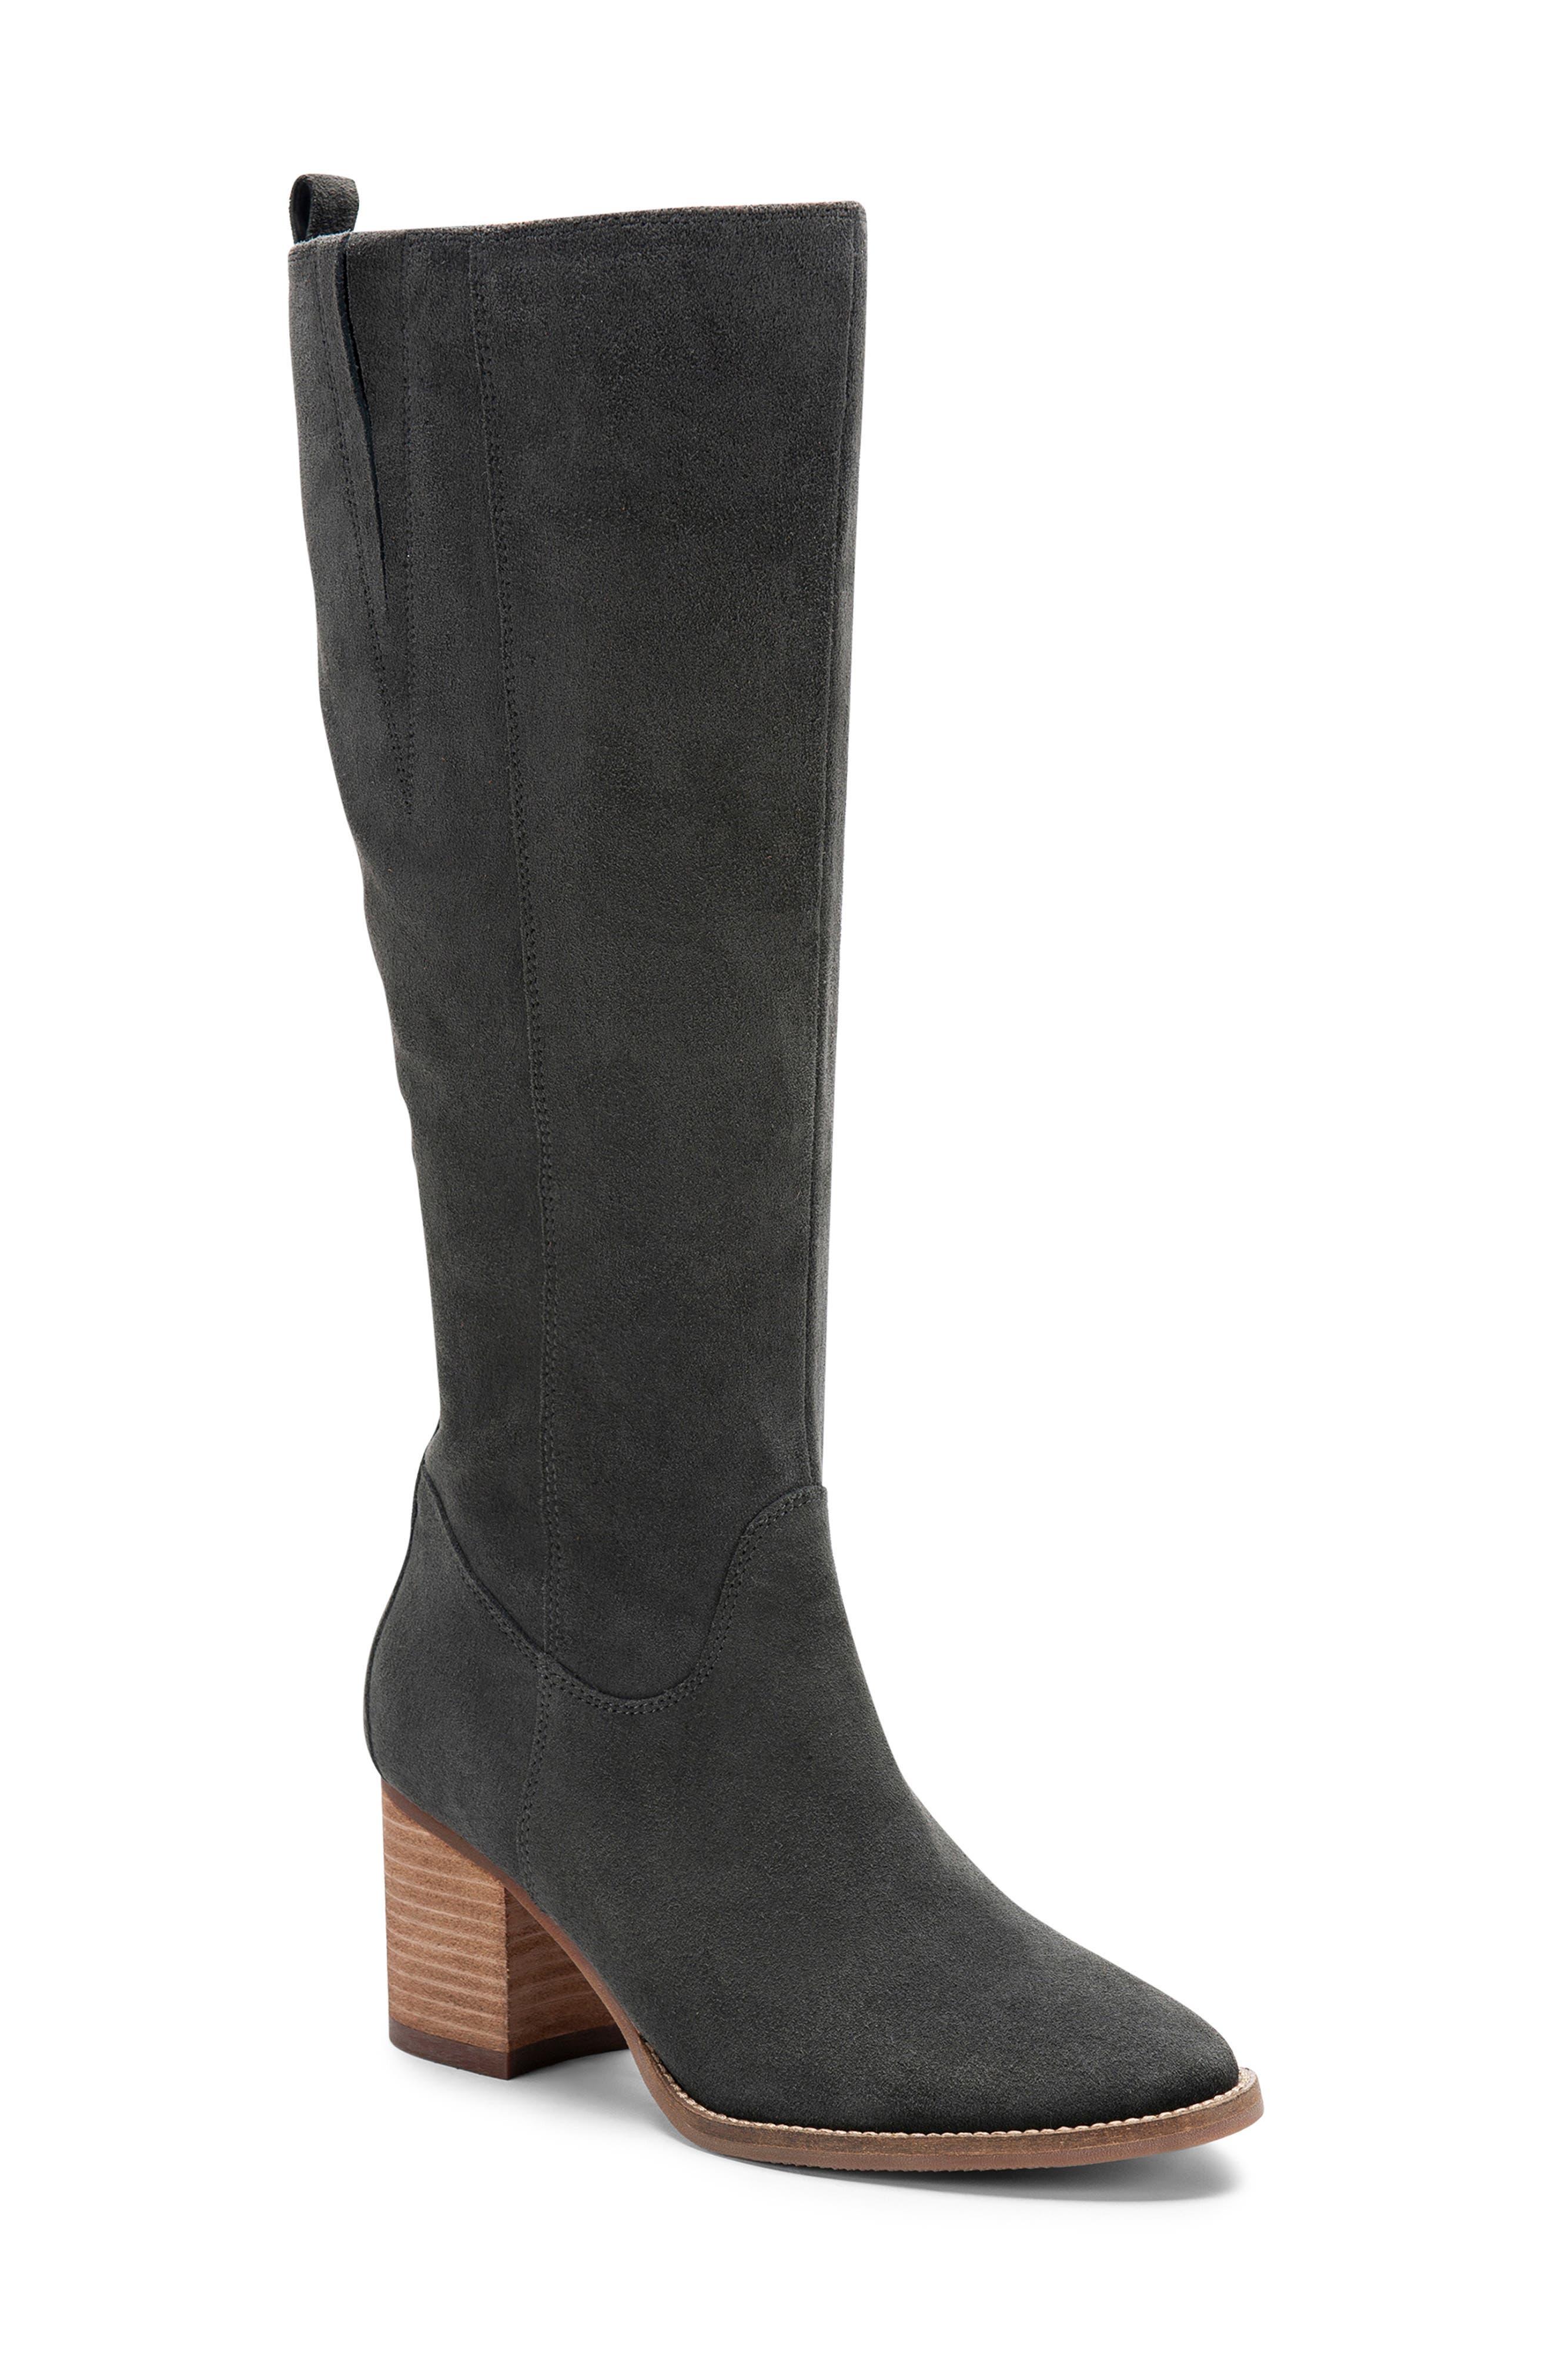 BLONDO, Nikki Waterproof Knee High Waterproof Boot, Main thumbnail 1, color, DARK GREY SUEDE